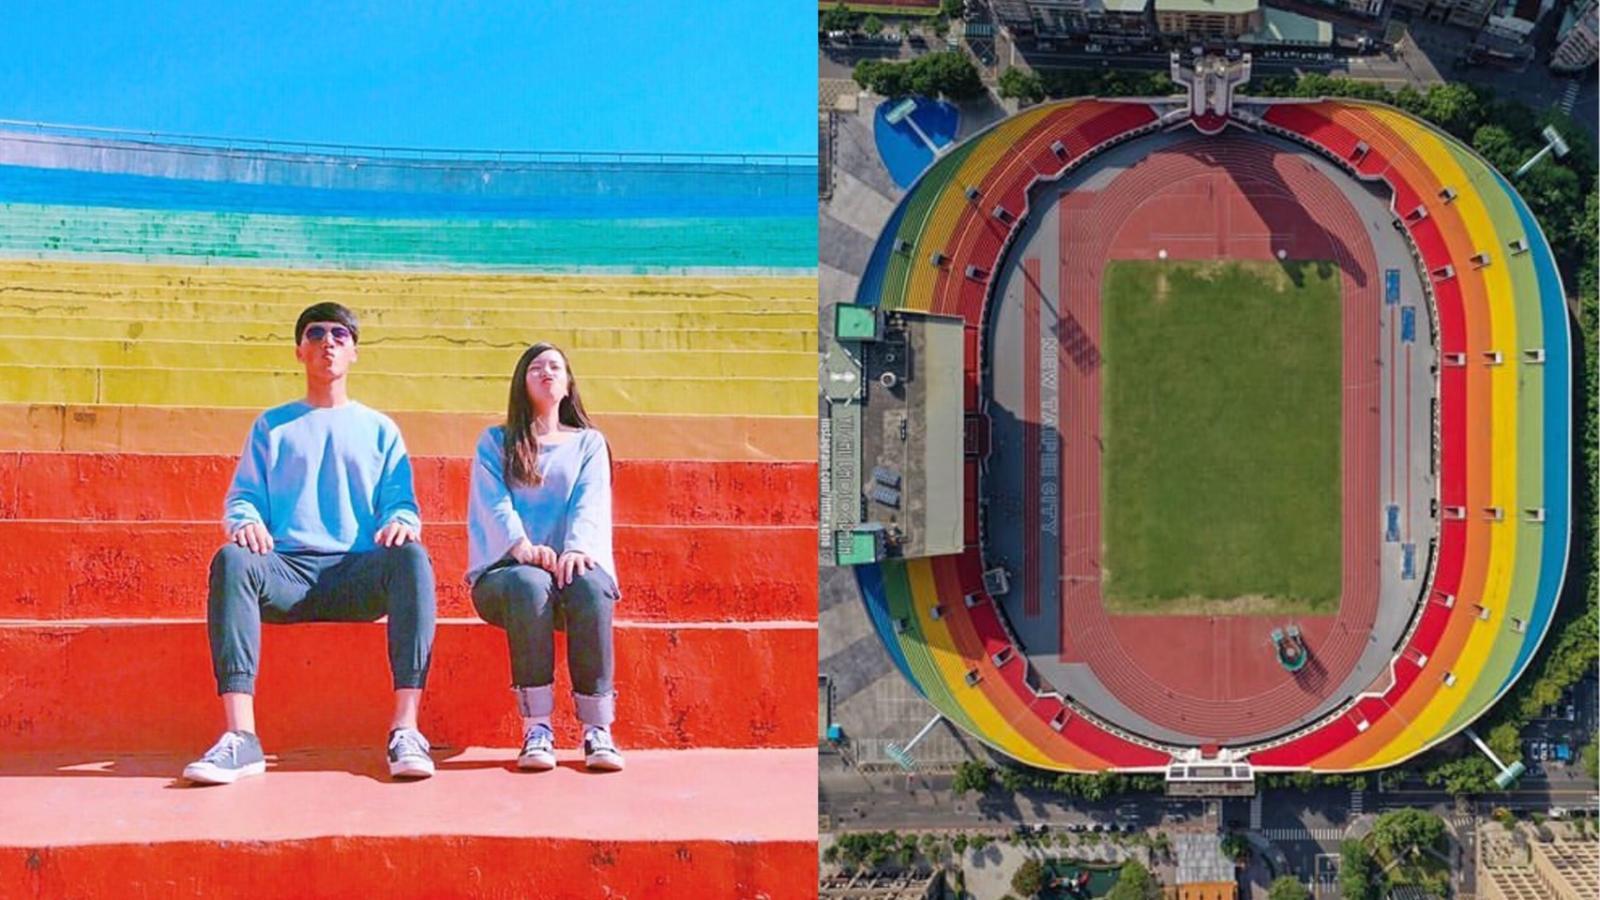 不僅可以運動、觀賞體育賽事,隱藏在其中的打卡熱點「漸層彩虹階梯看台」更是吸引大批網美前來朝聖